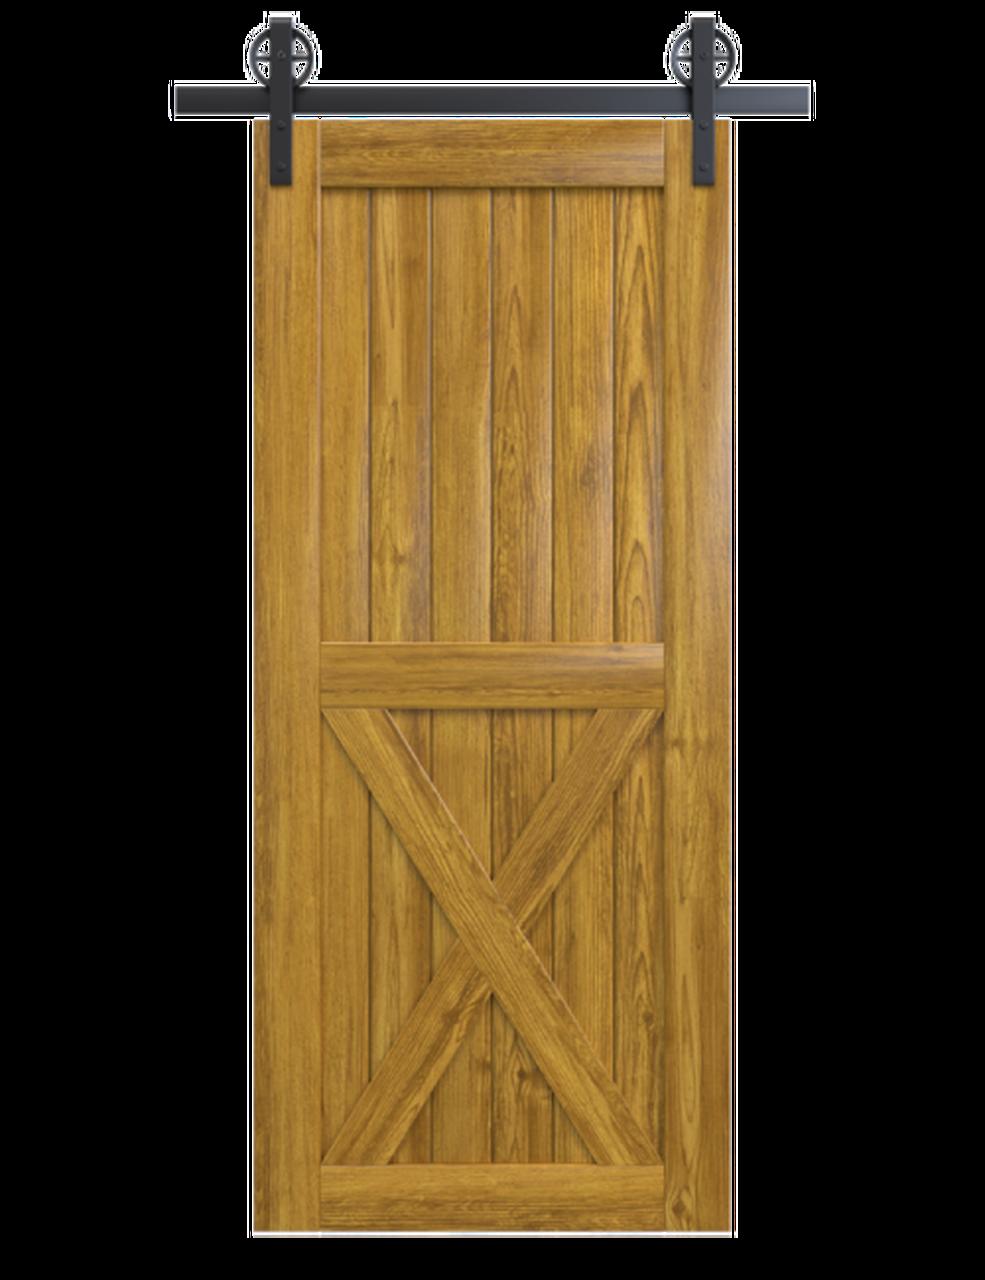 lake placid lake placid stained wood half x panel barn door